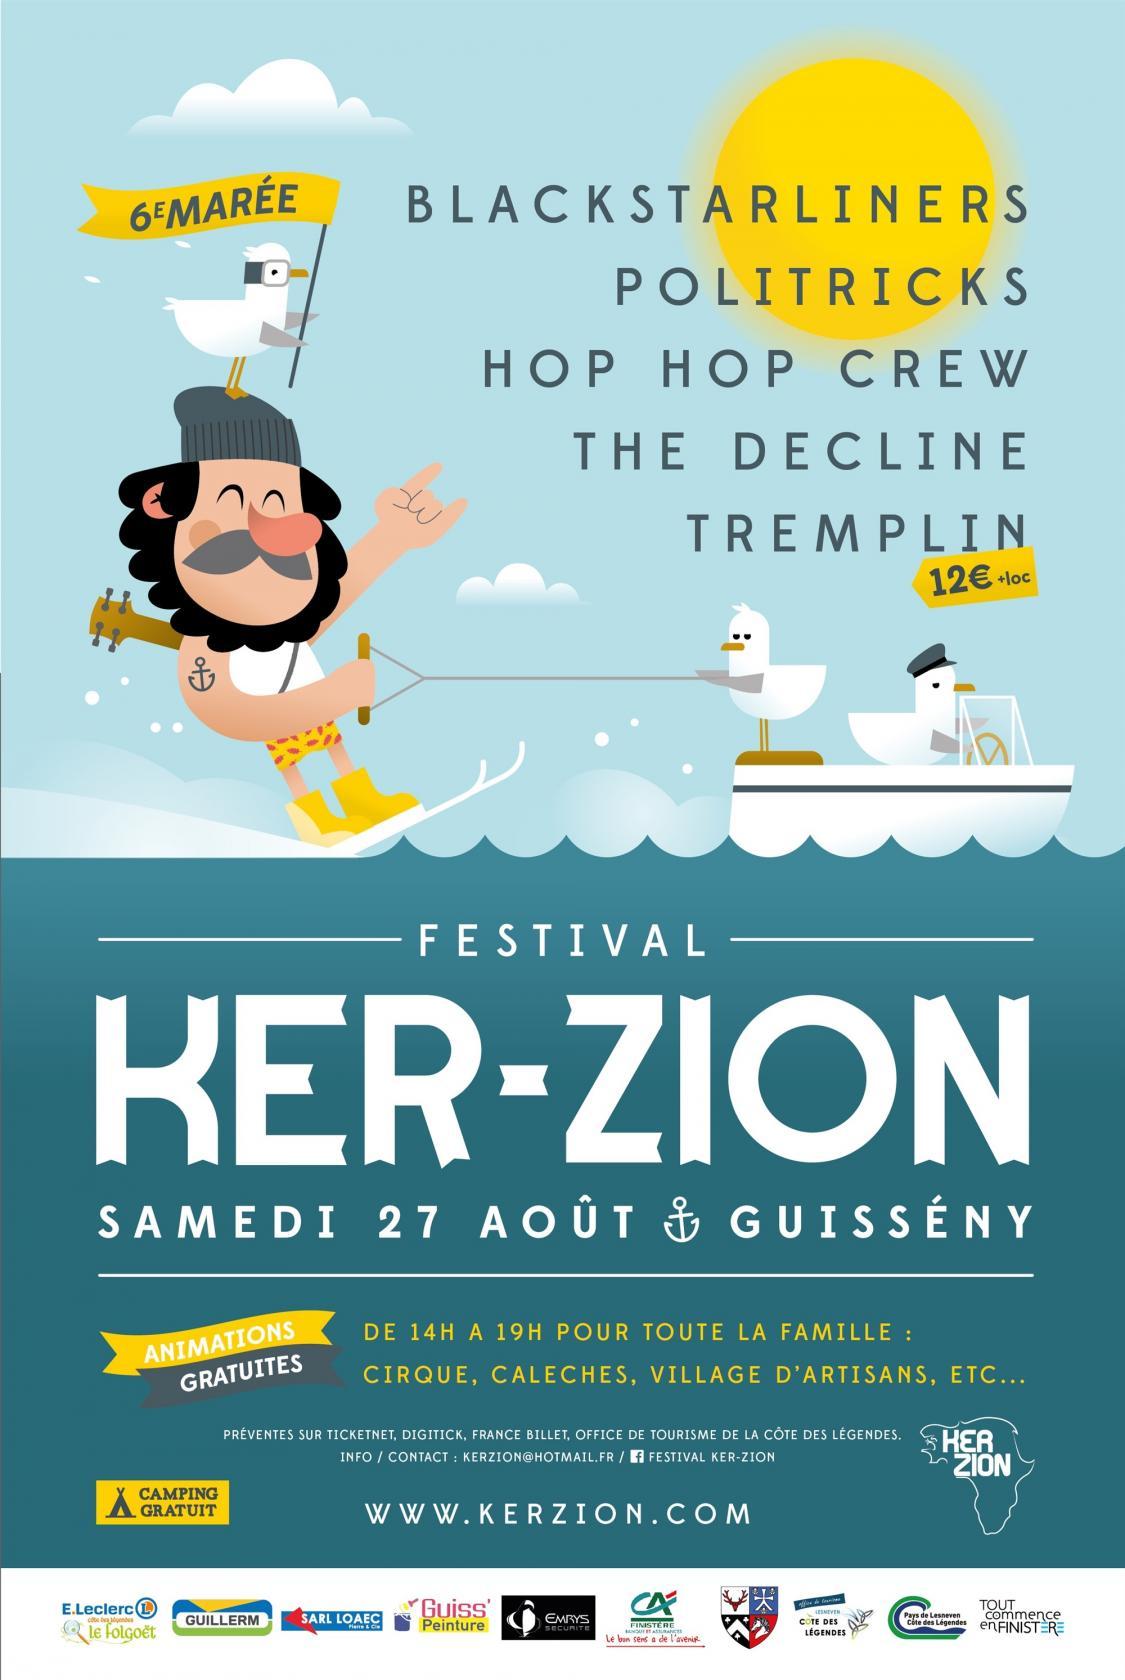 Festival Ker-zion musique actuelle Guissény